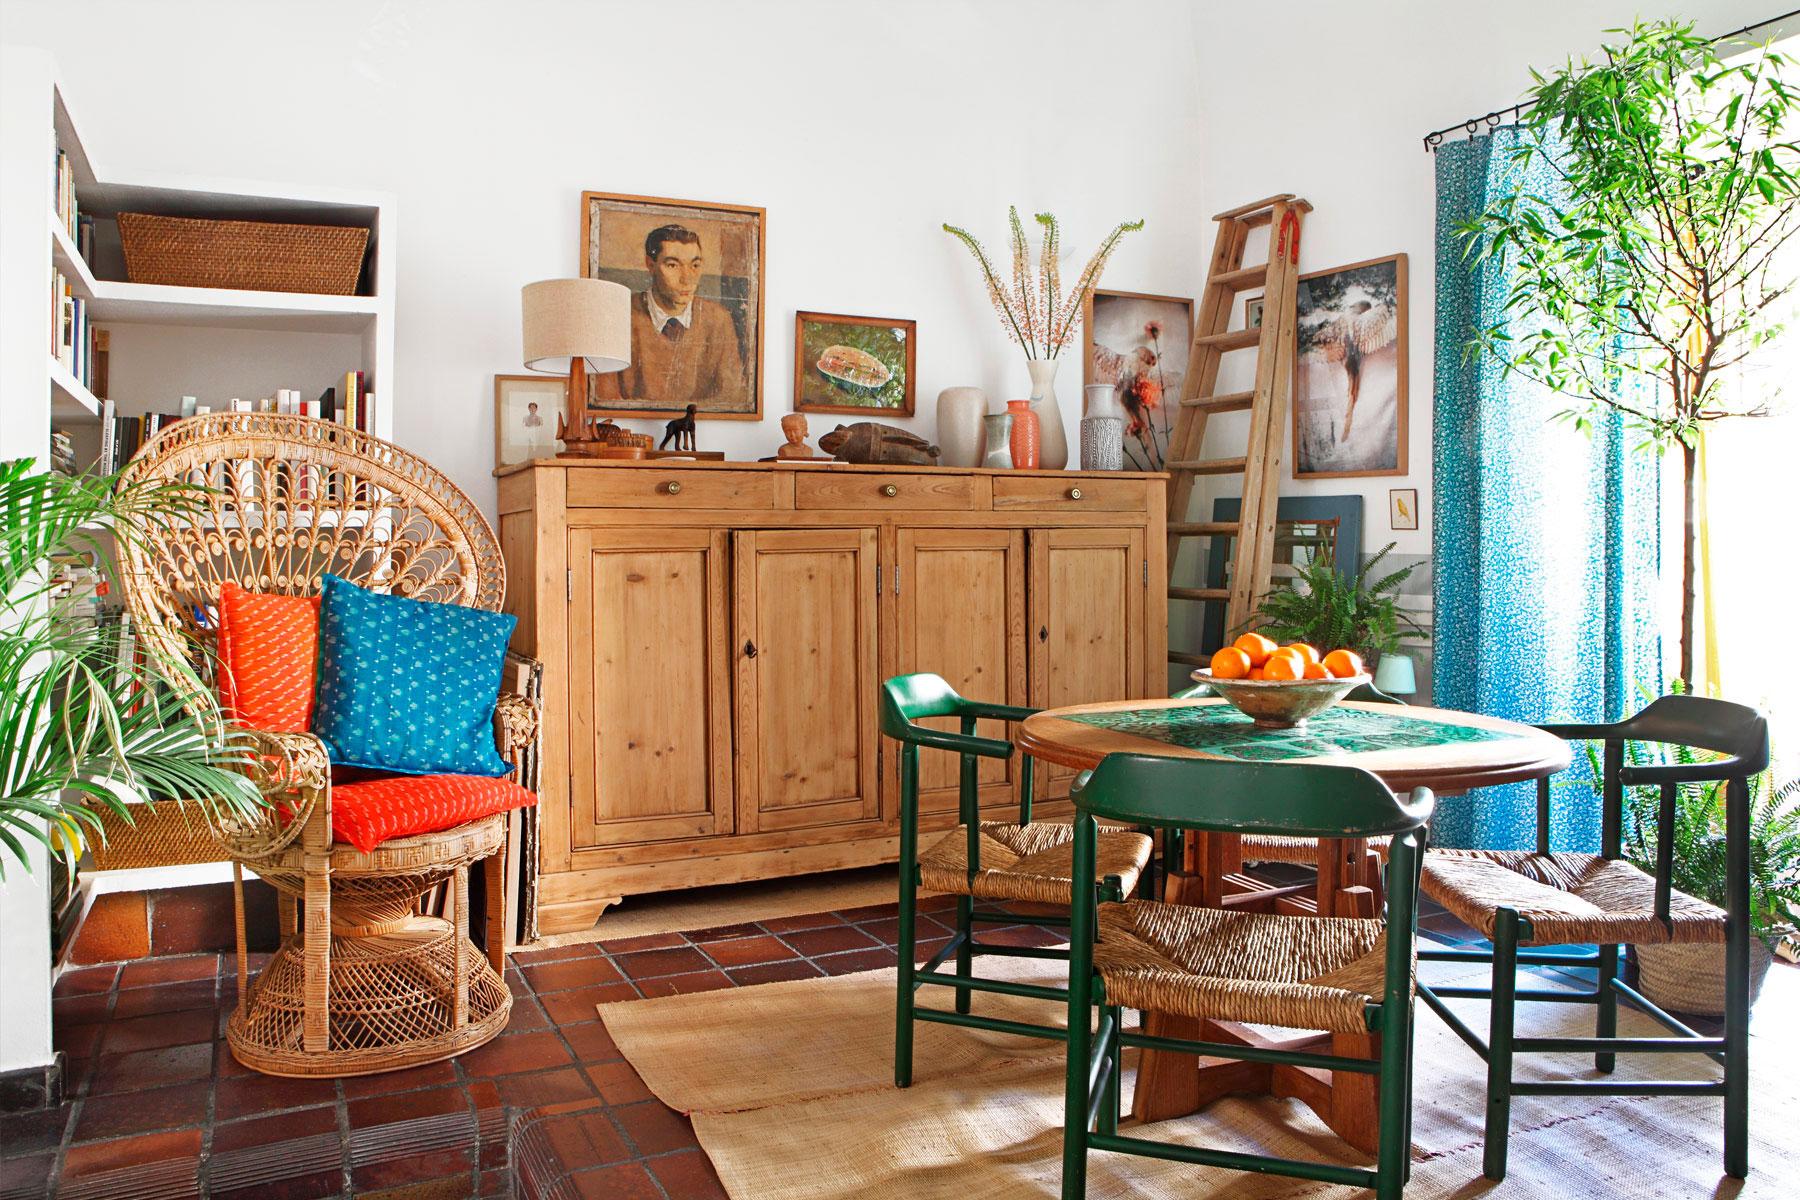 Casa de pueblo en madrid decoratualma for Casas rusticas interiores decoracion